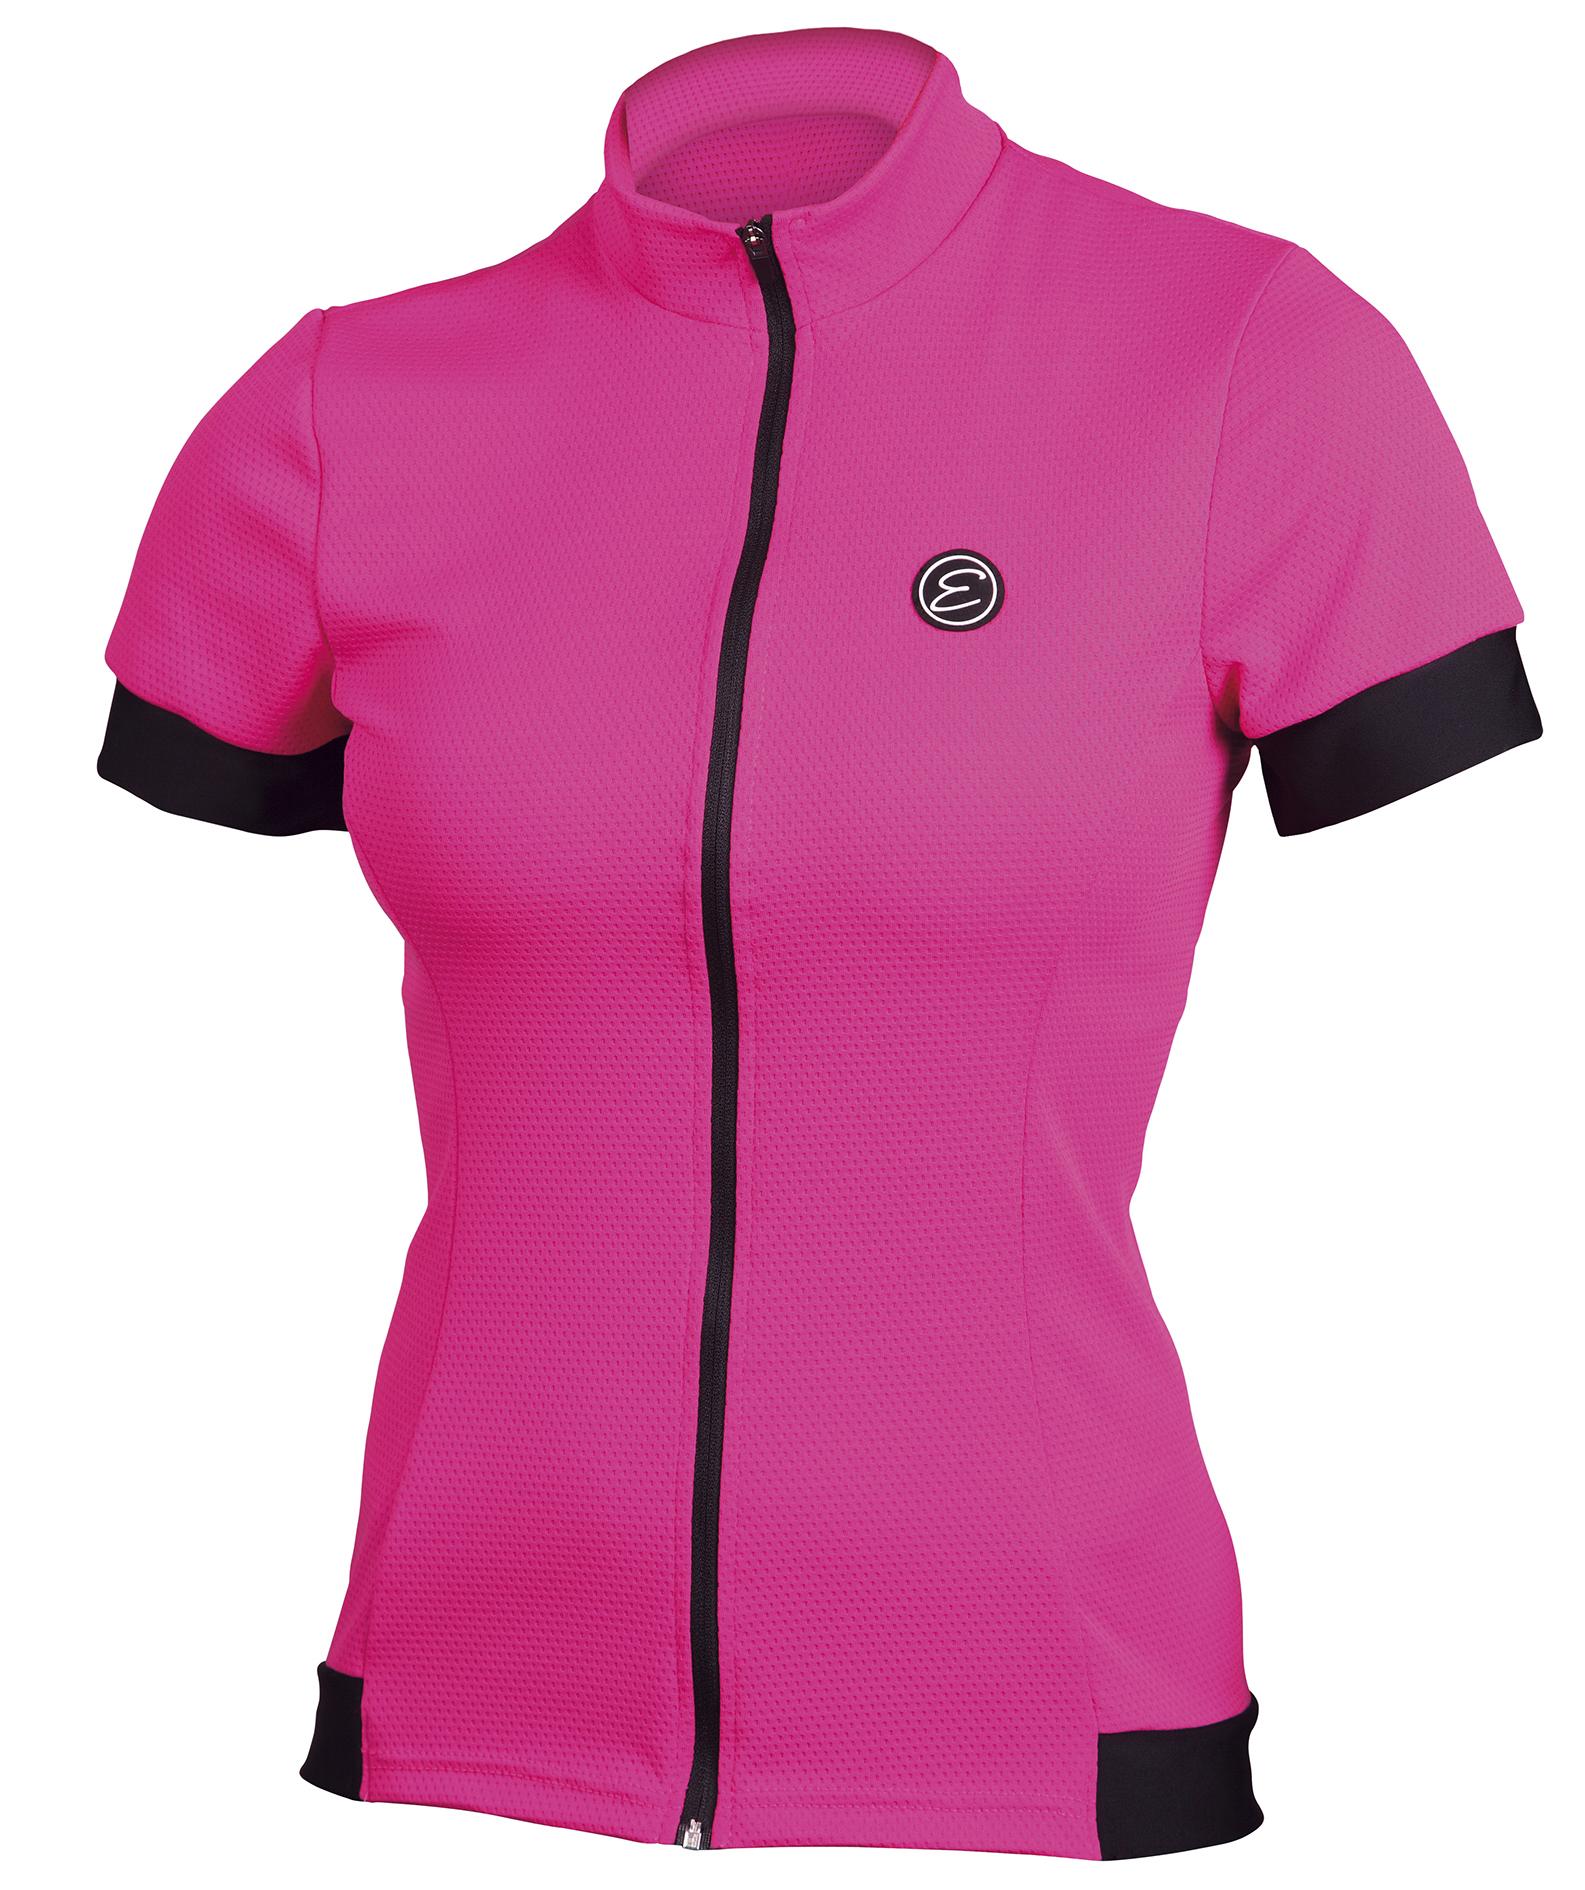 Dámský cyklistický dres ETAPE Donna, vel. XL, růžová, model 2017 (Dámský dres Etape, dlouhý přední zip)